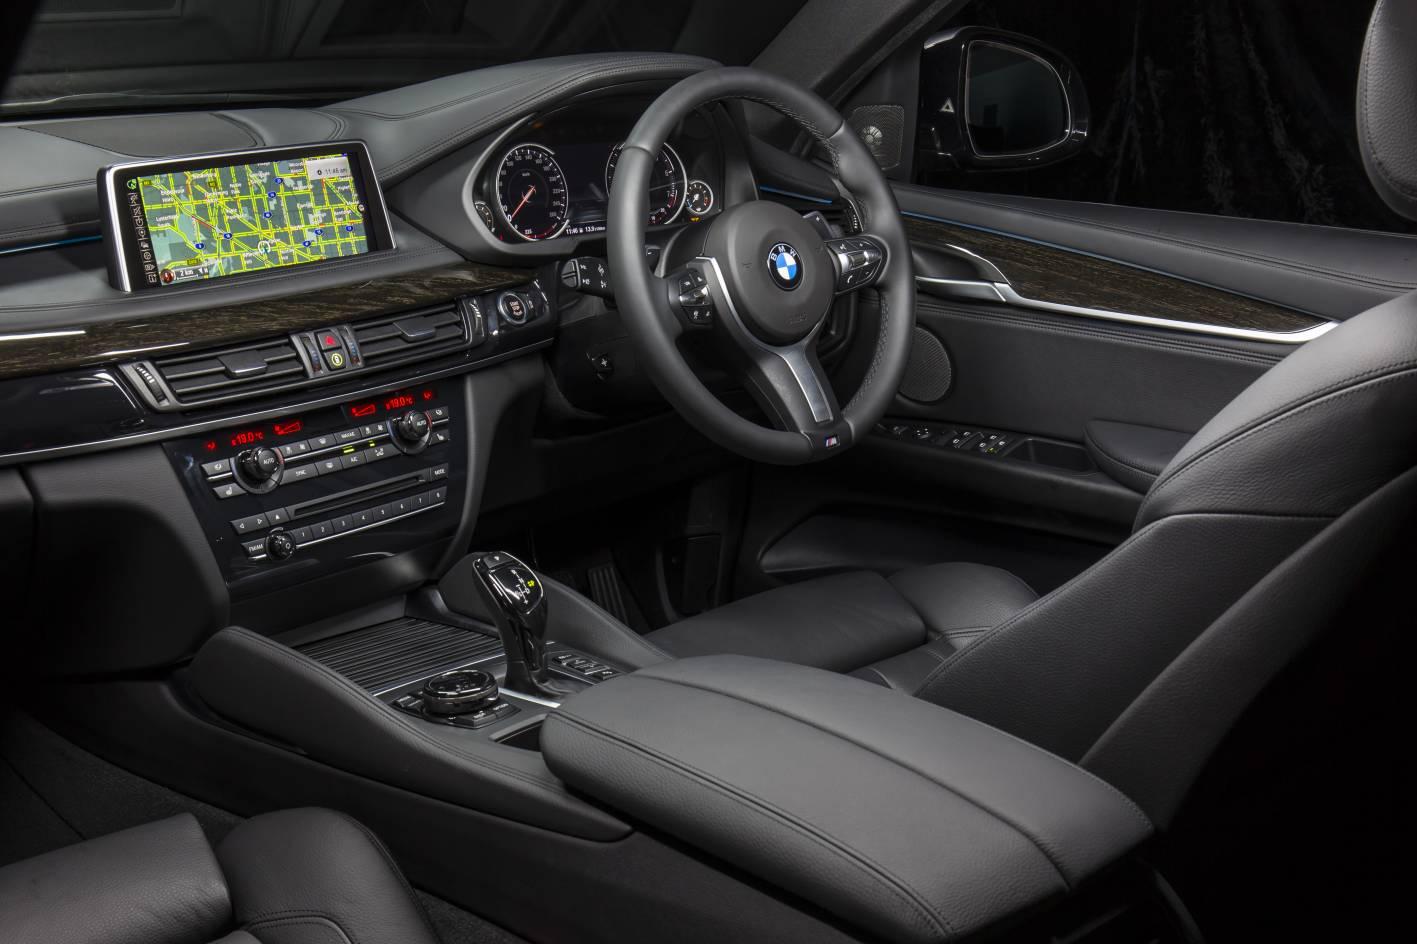 2015 Bmw X6 Interior Forcegt Com